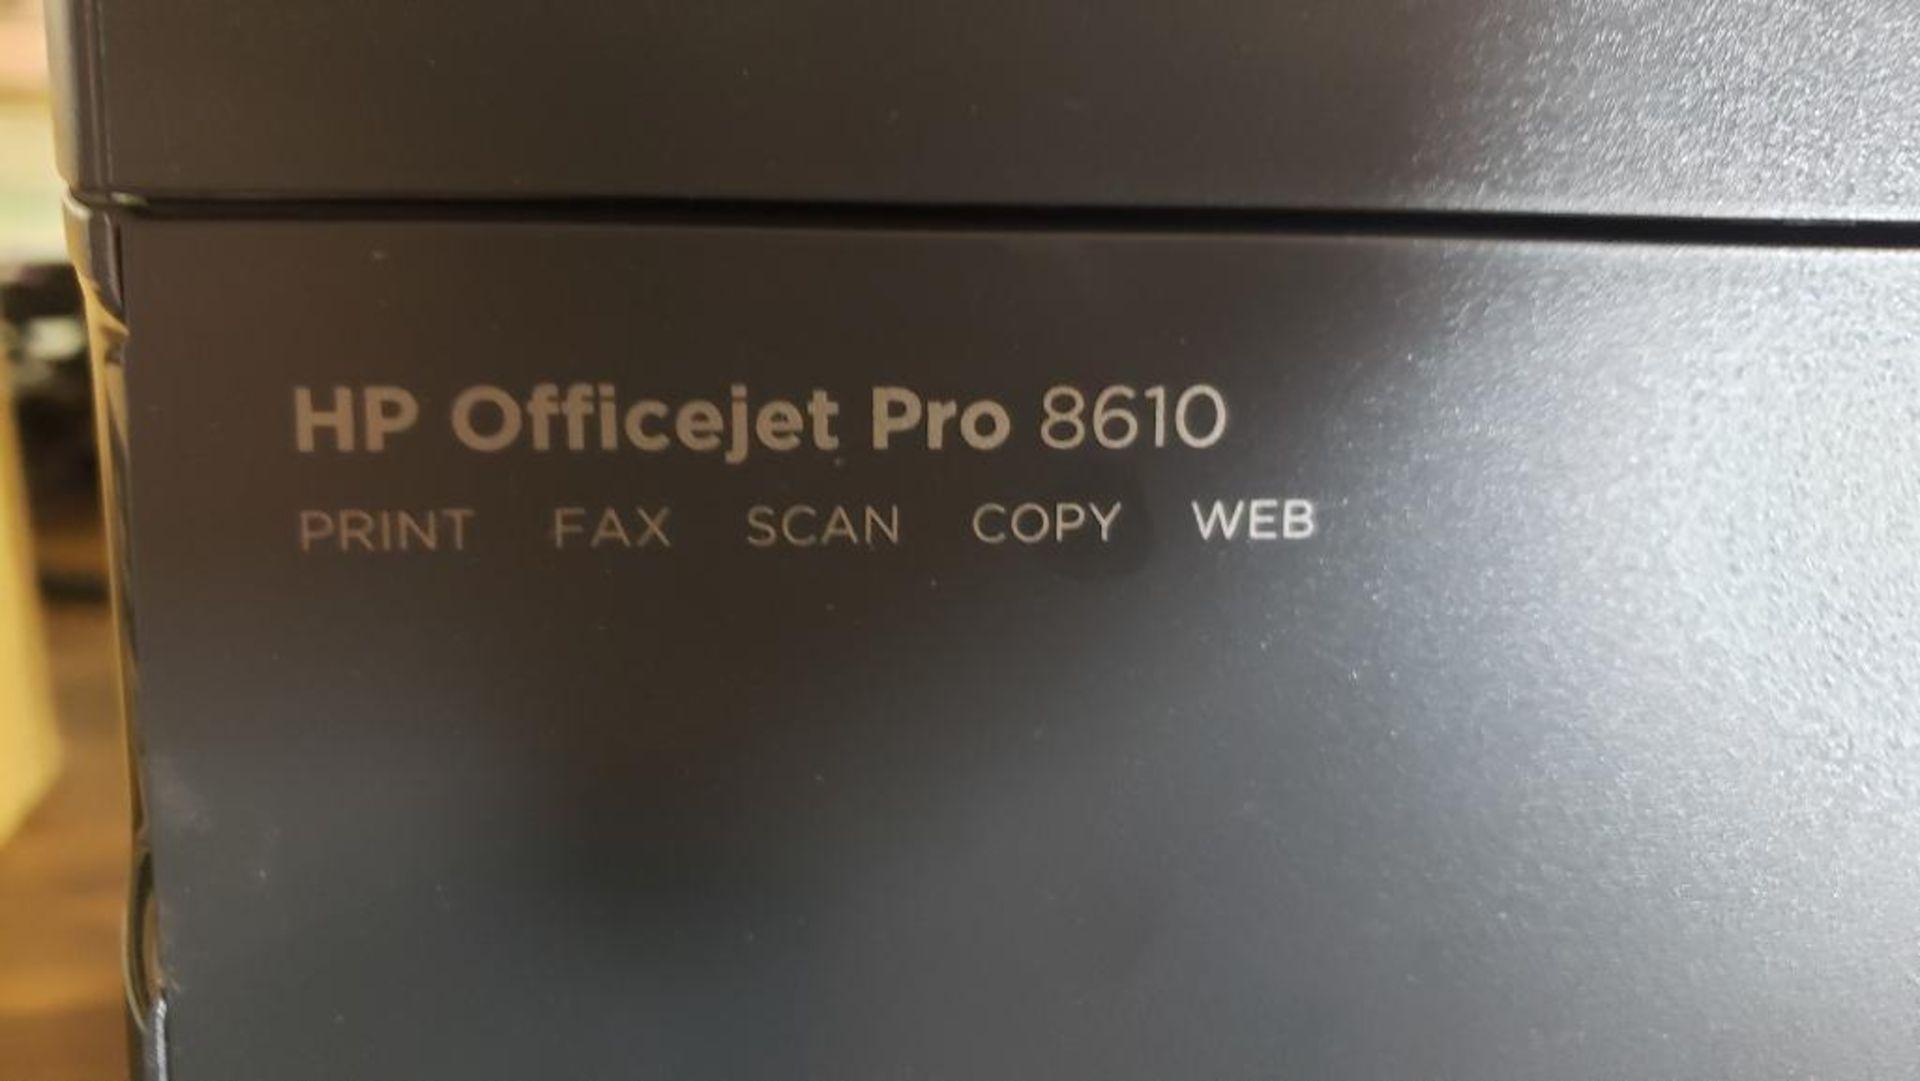 Lot 18 - Hp officejet pro model 8610 all in one printer scanner copier.